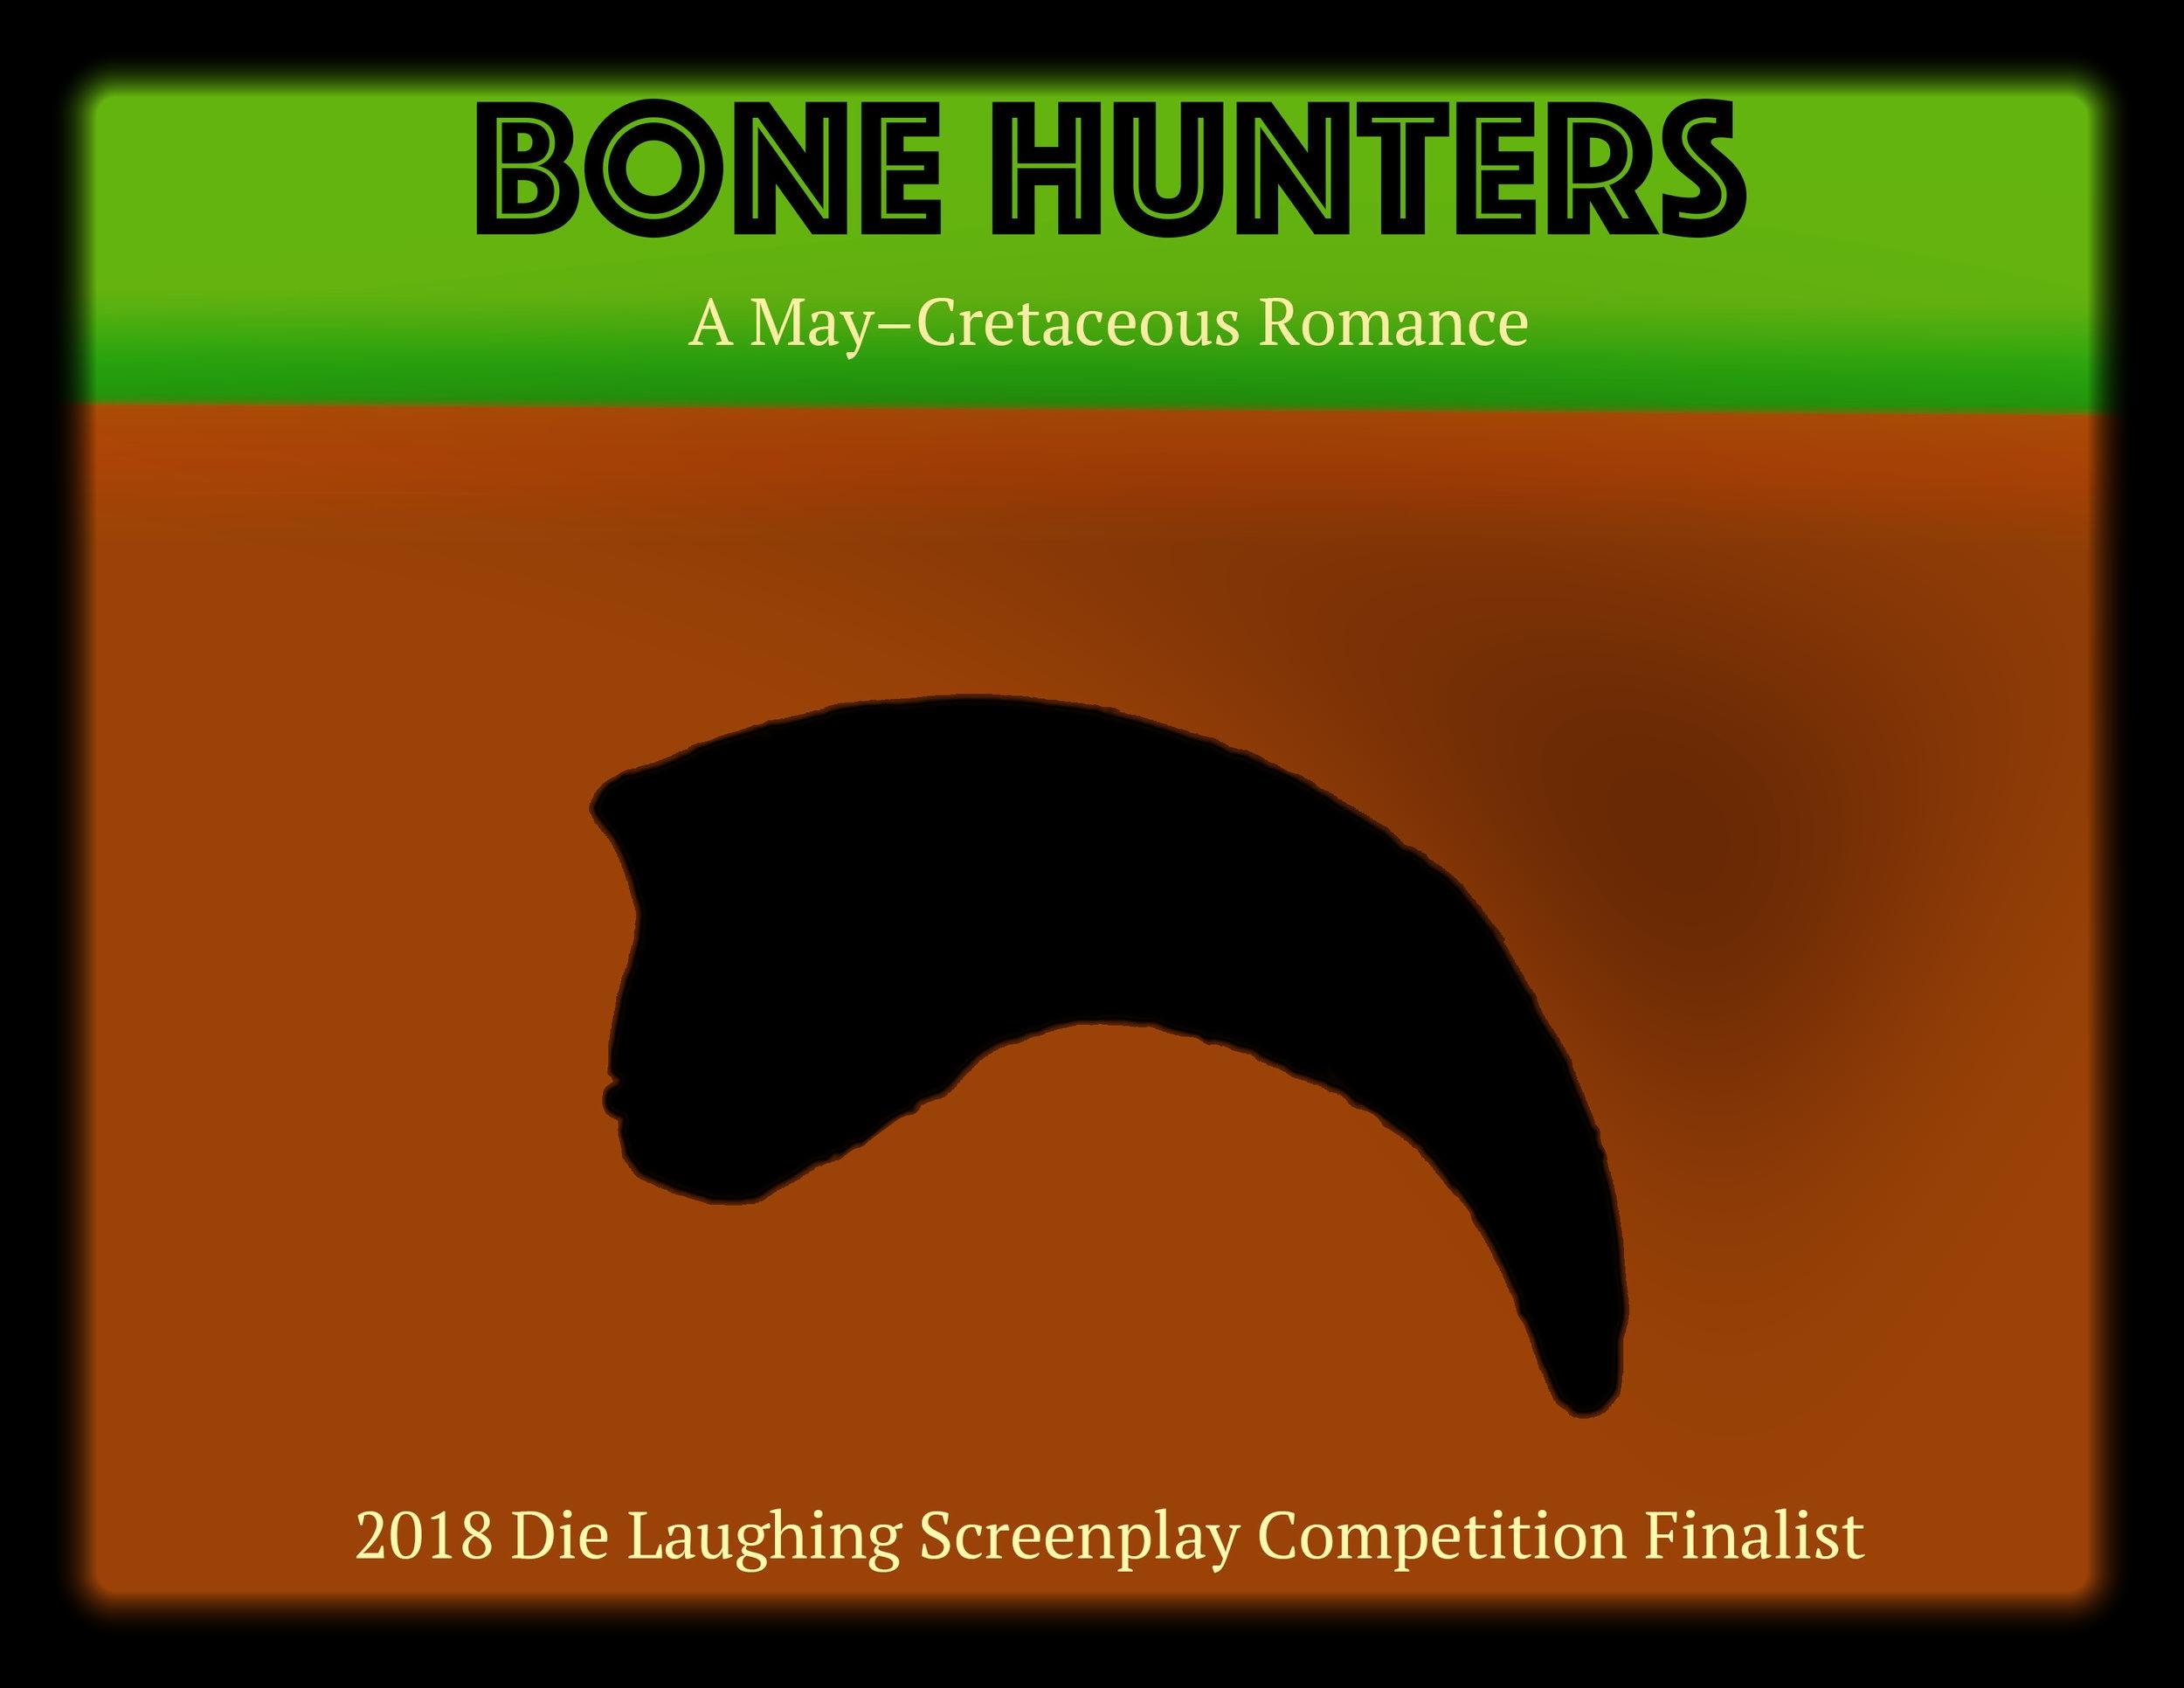 Bone Hunters Teaser Poster 2.jpg